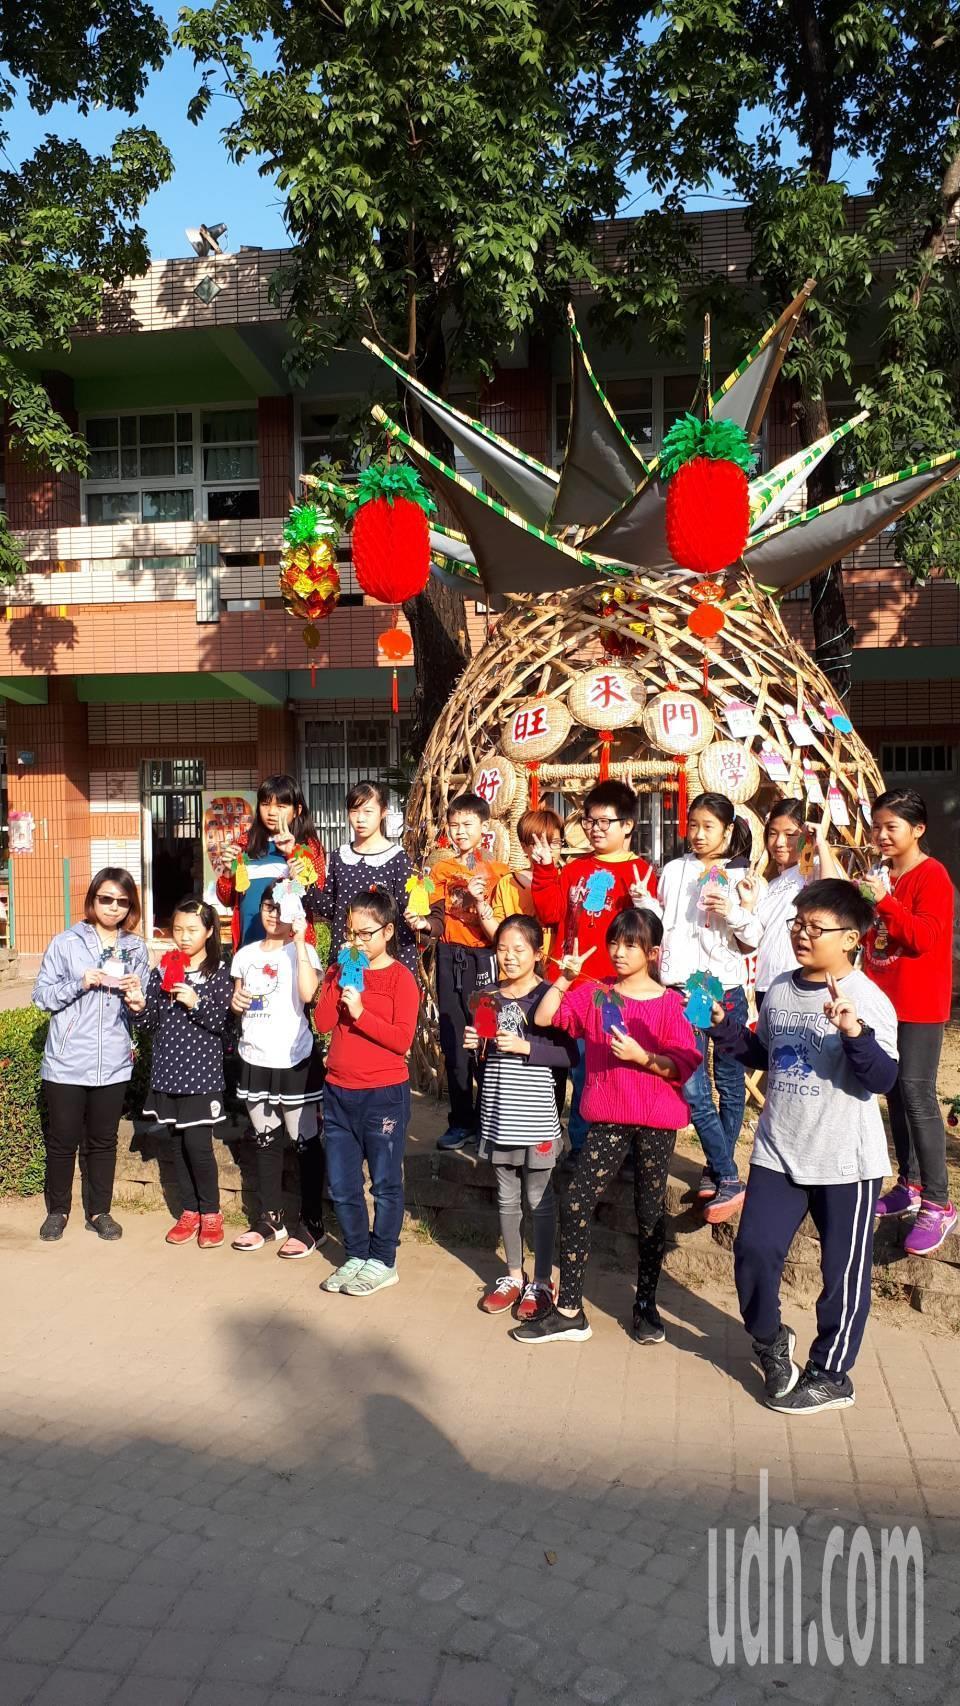 今年在台南市竹會理事長張永旺老師指導下,在校園中利用竹材搭建一座鳳梨造型的竹編涼...